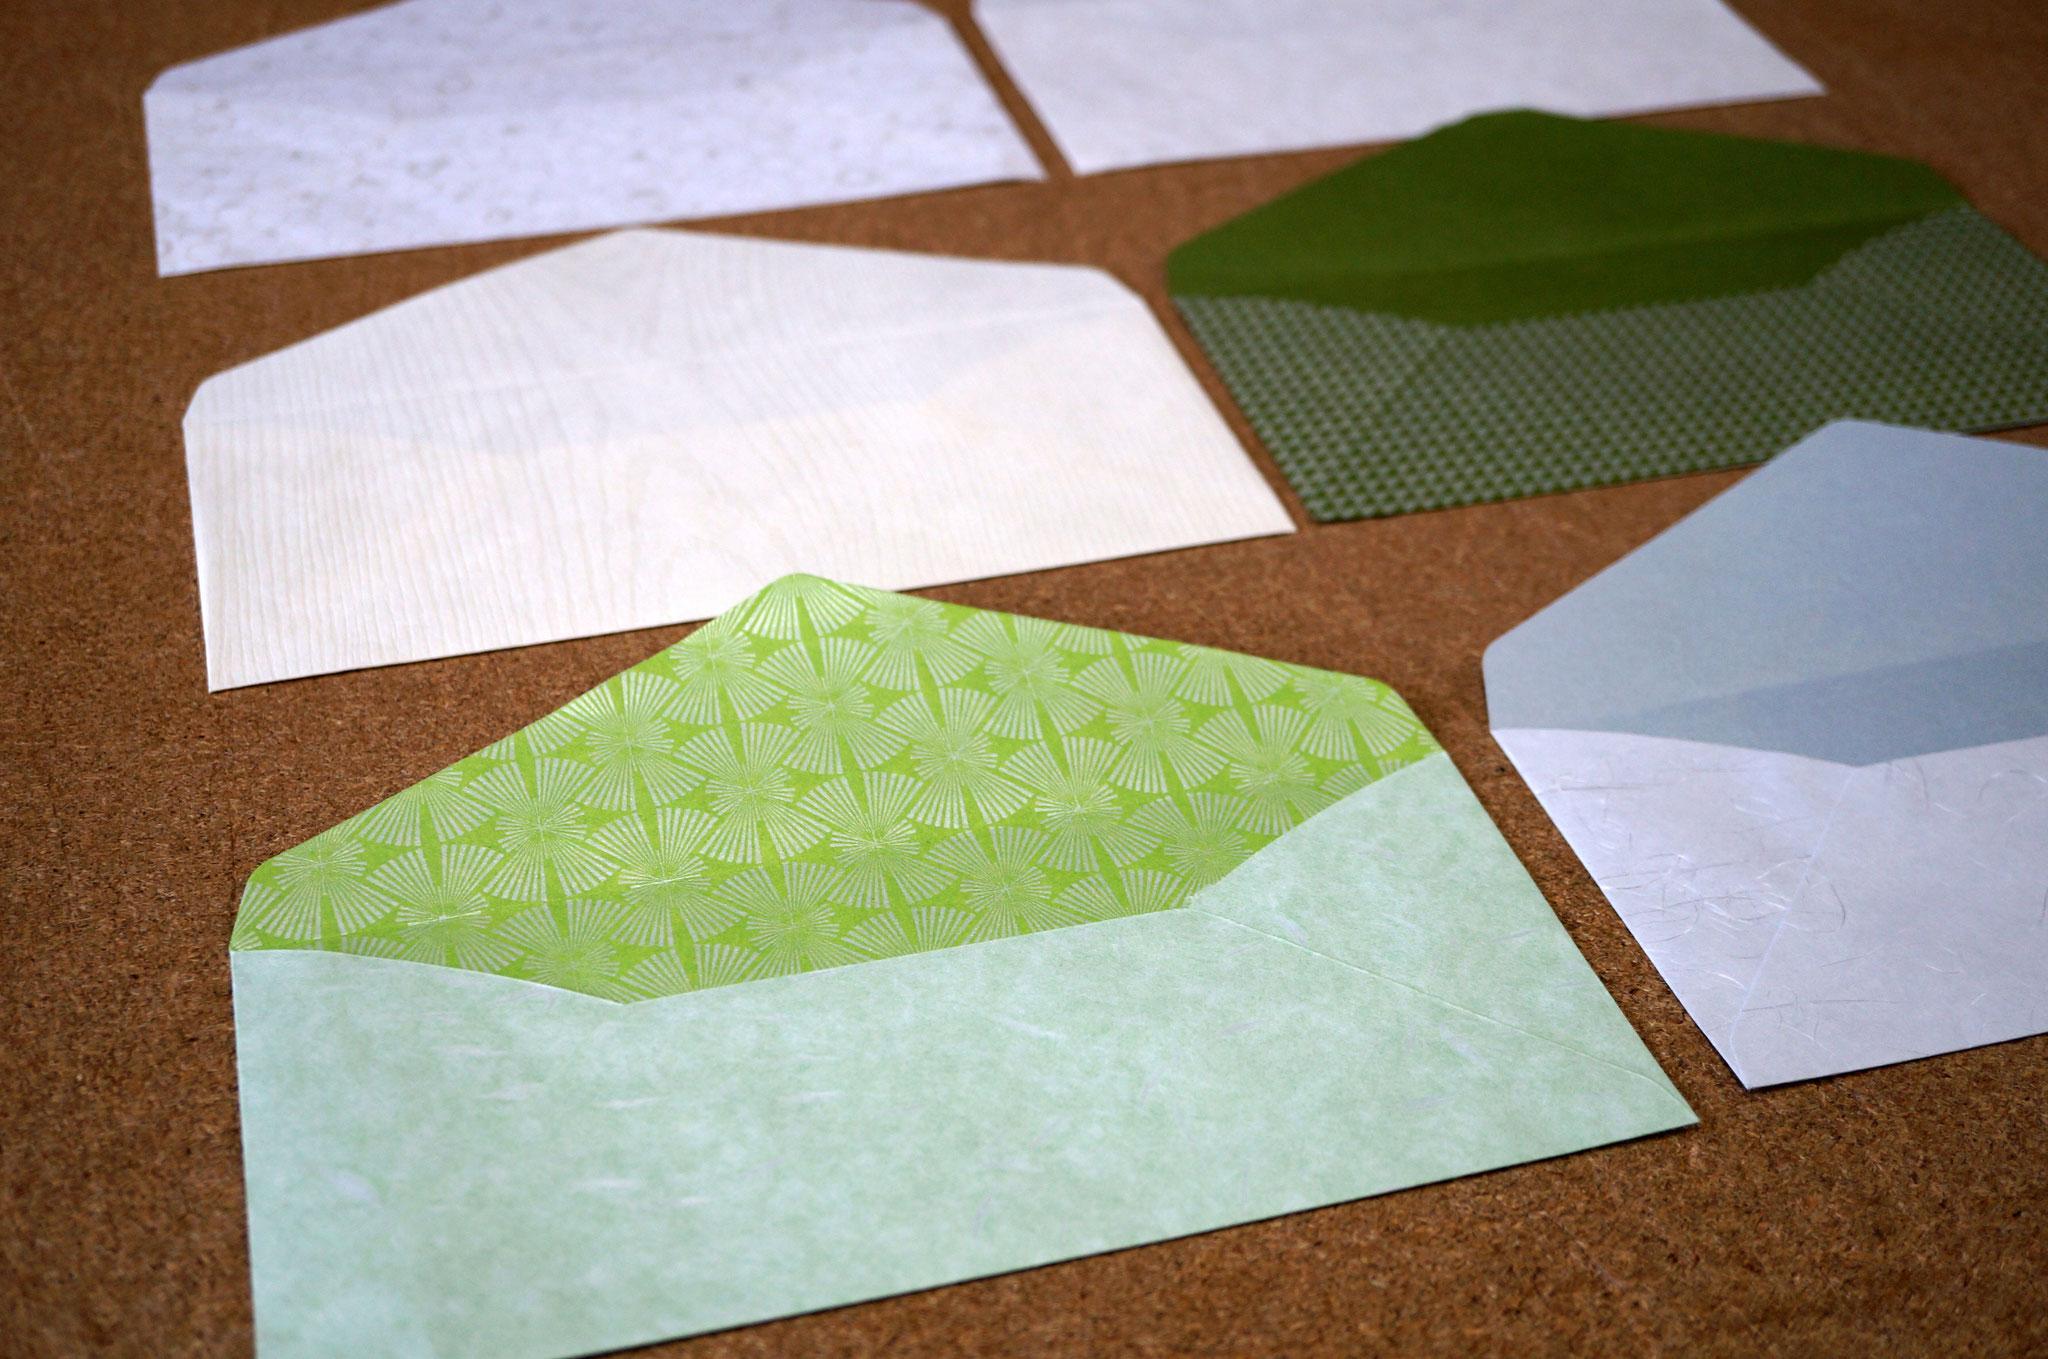 和紙の色や素材感を生かして、別注にて洋形4号の封筒をお仕立てできます